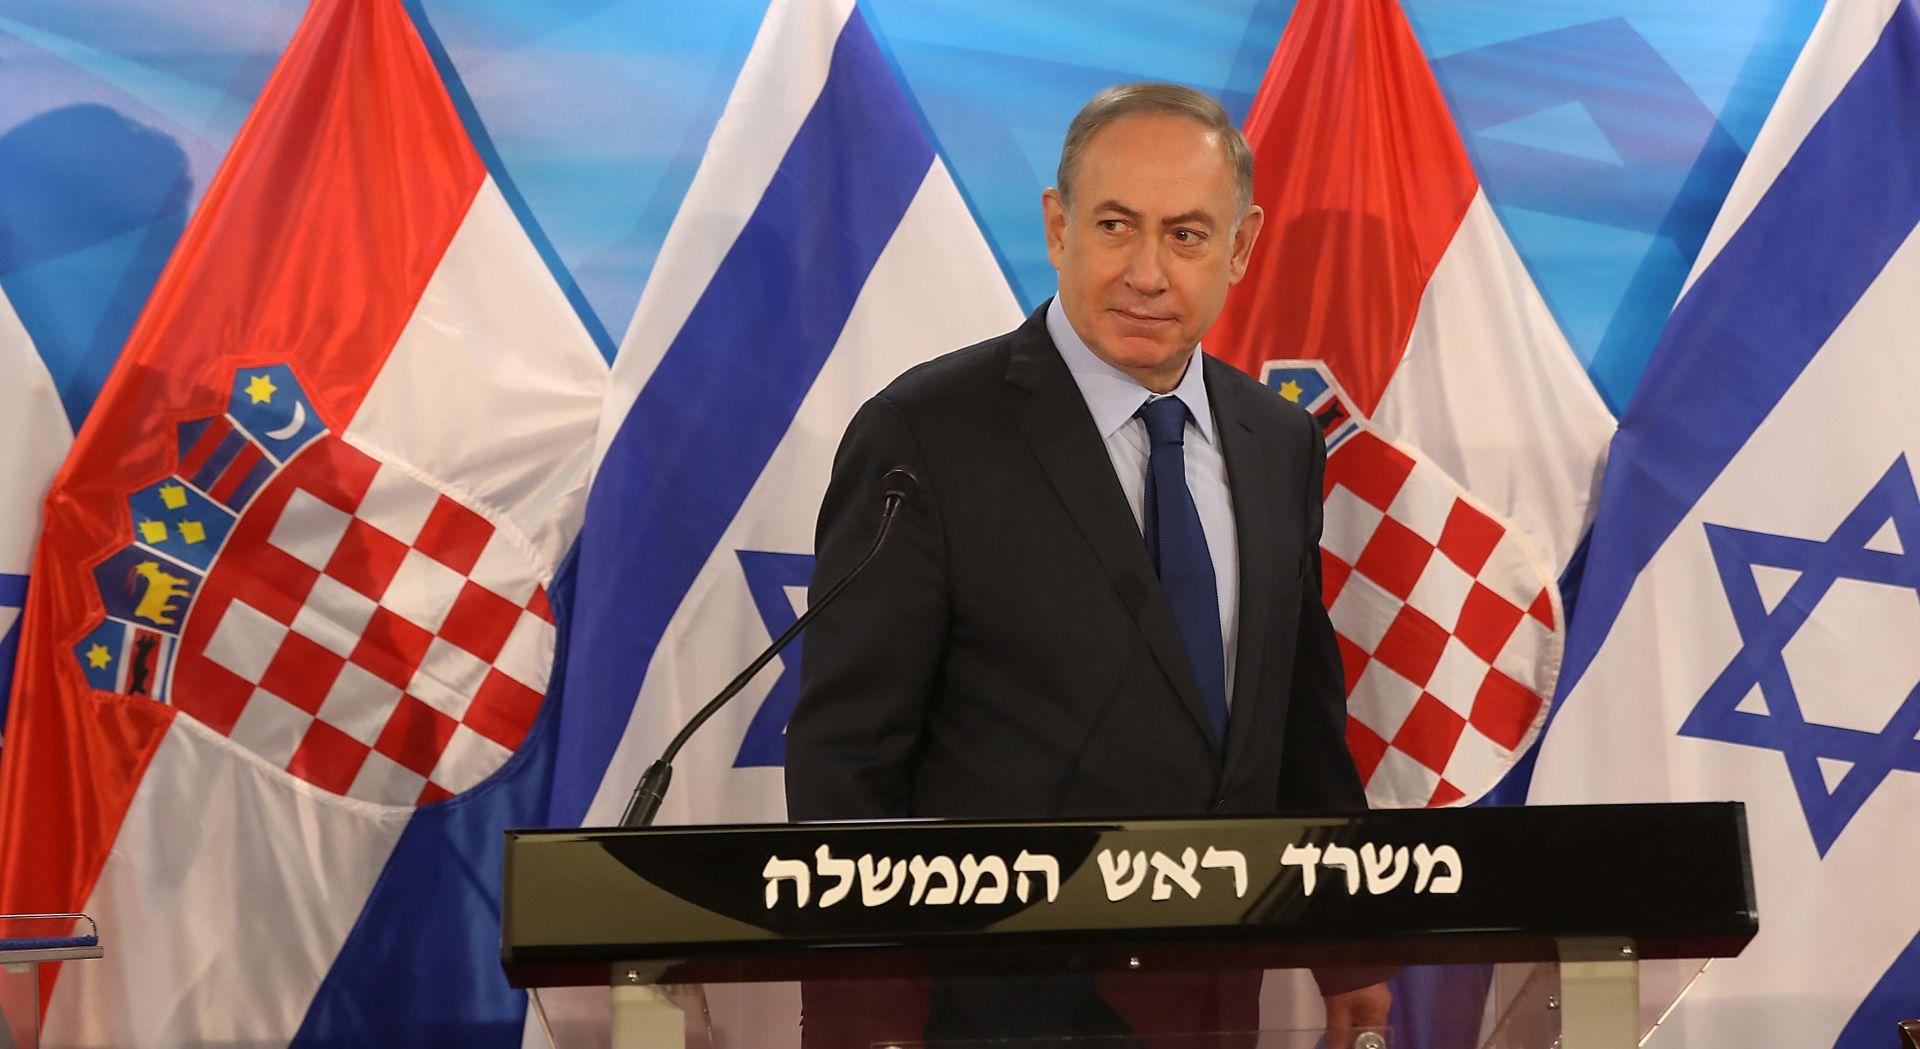 NETANYAHU 'Hrvatska se čvrsto zalaže za Izrael'